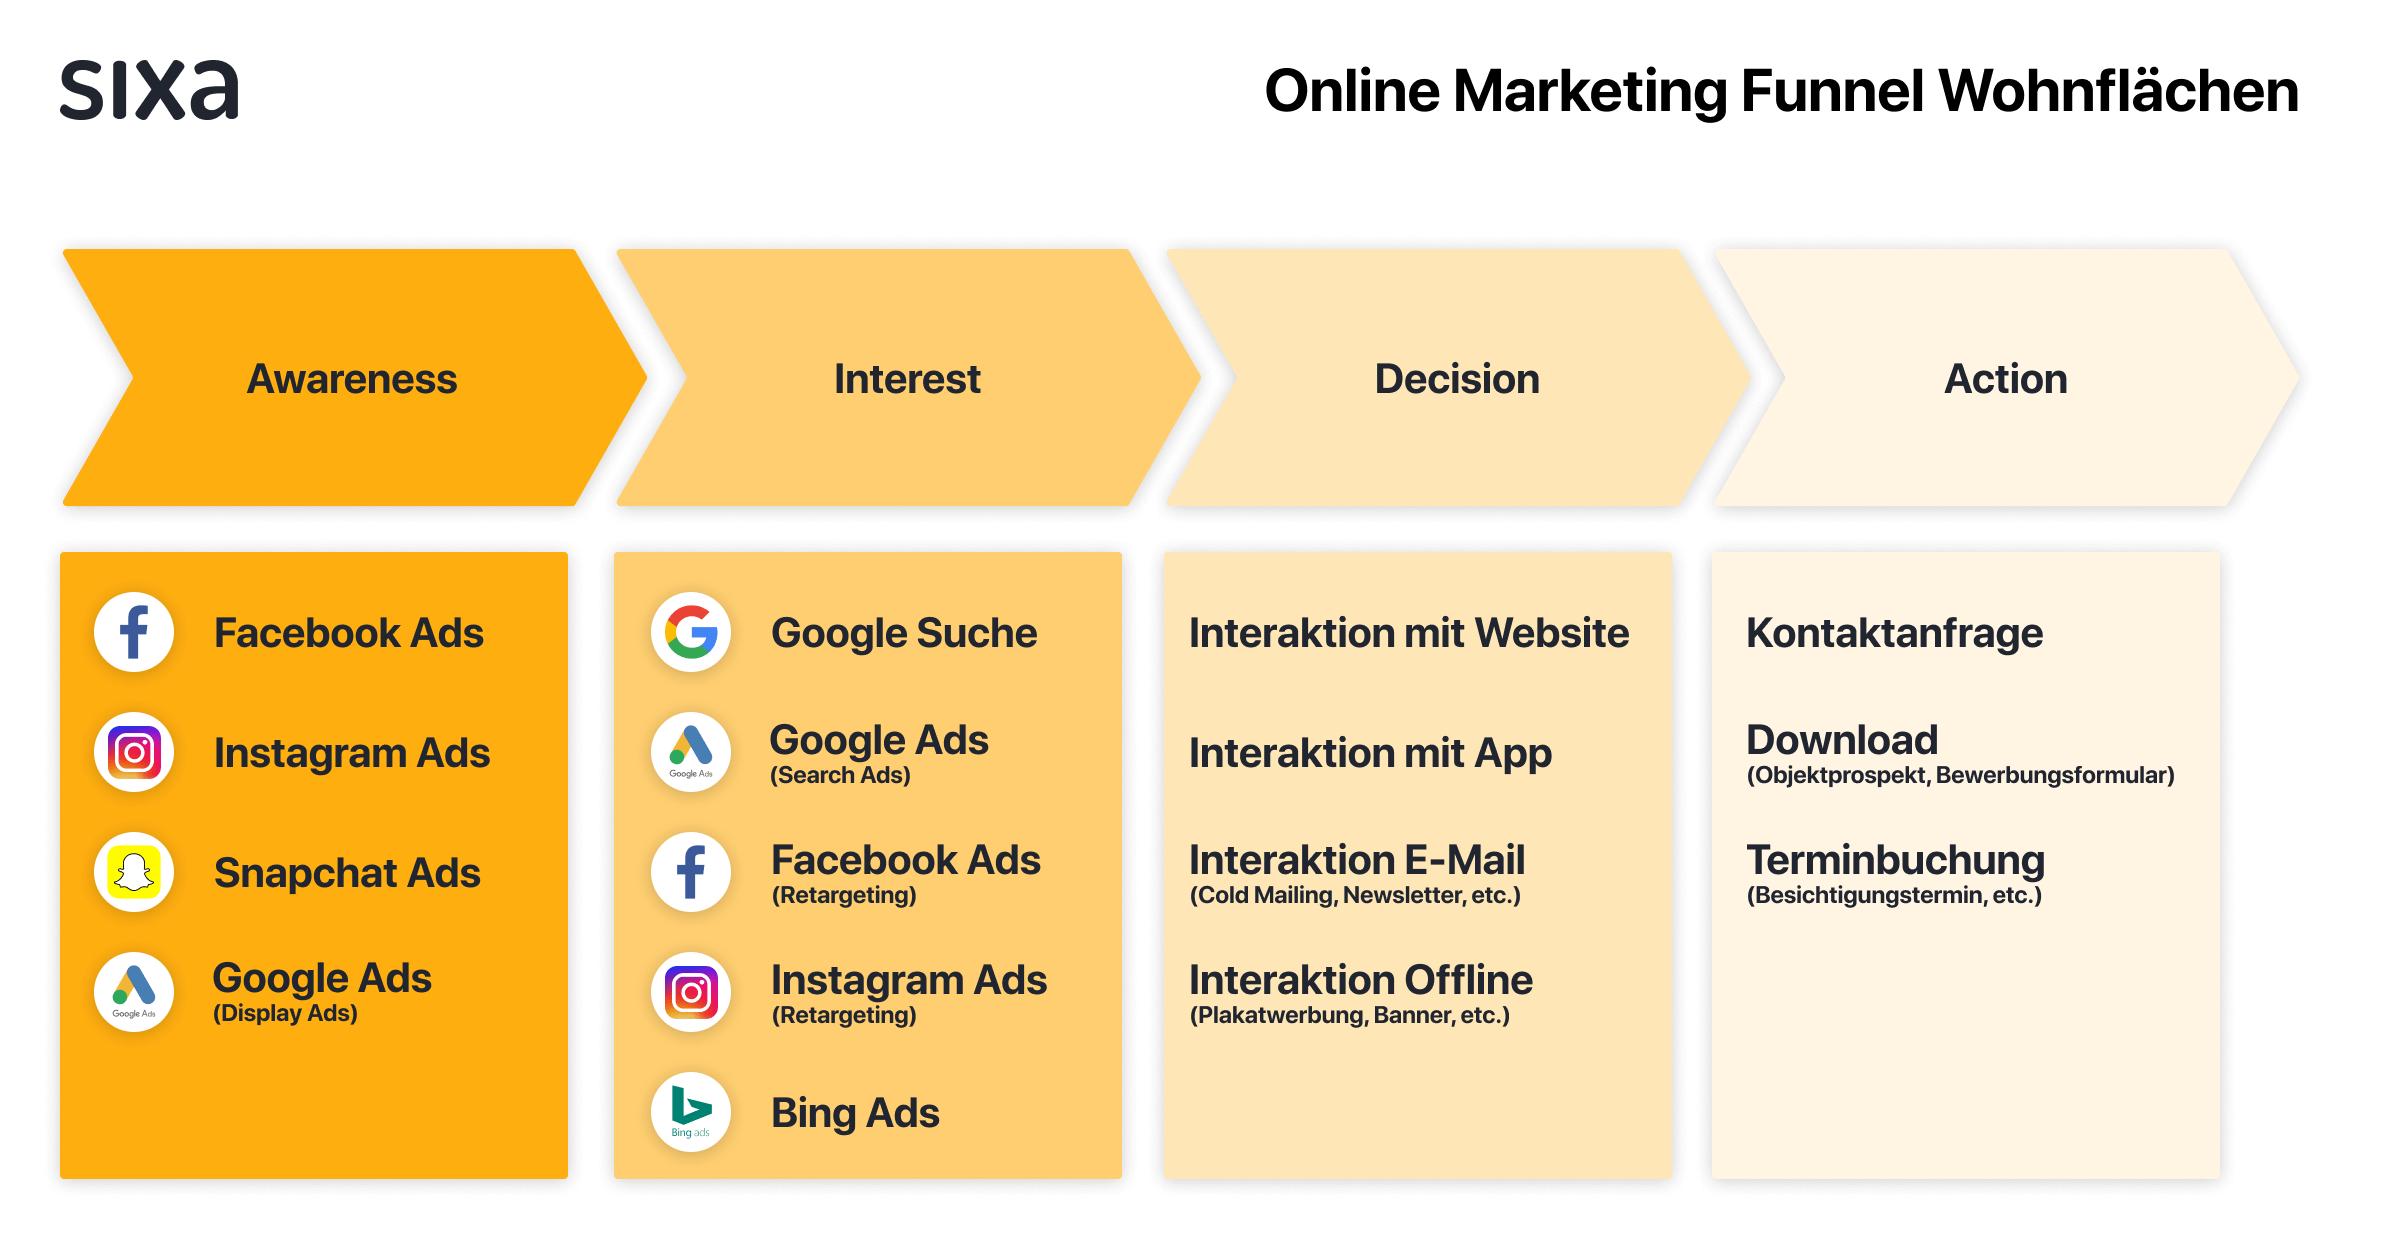 Online Marketing Funnel Wohnflächen.